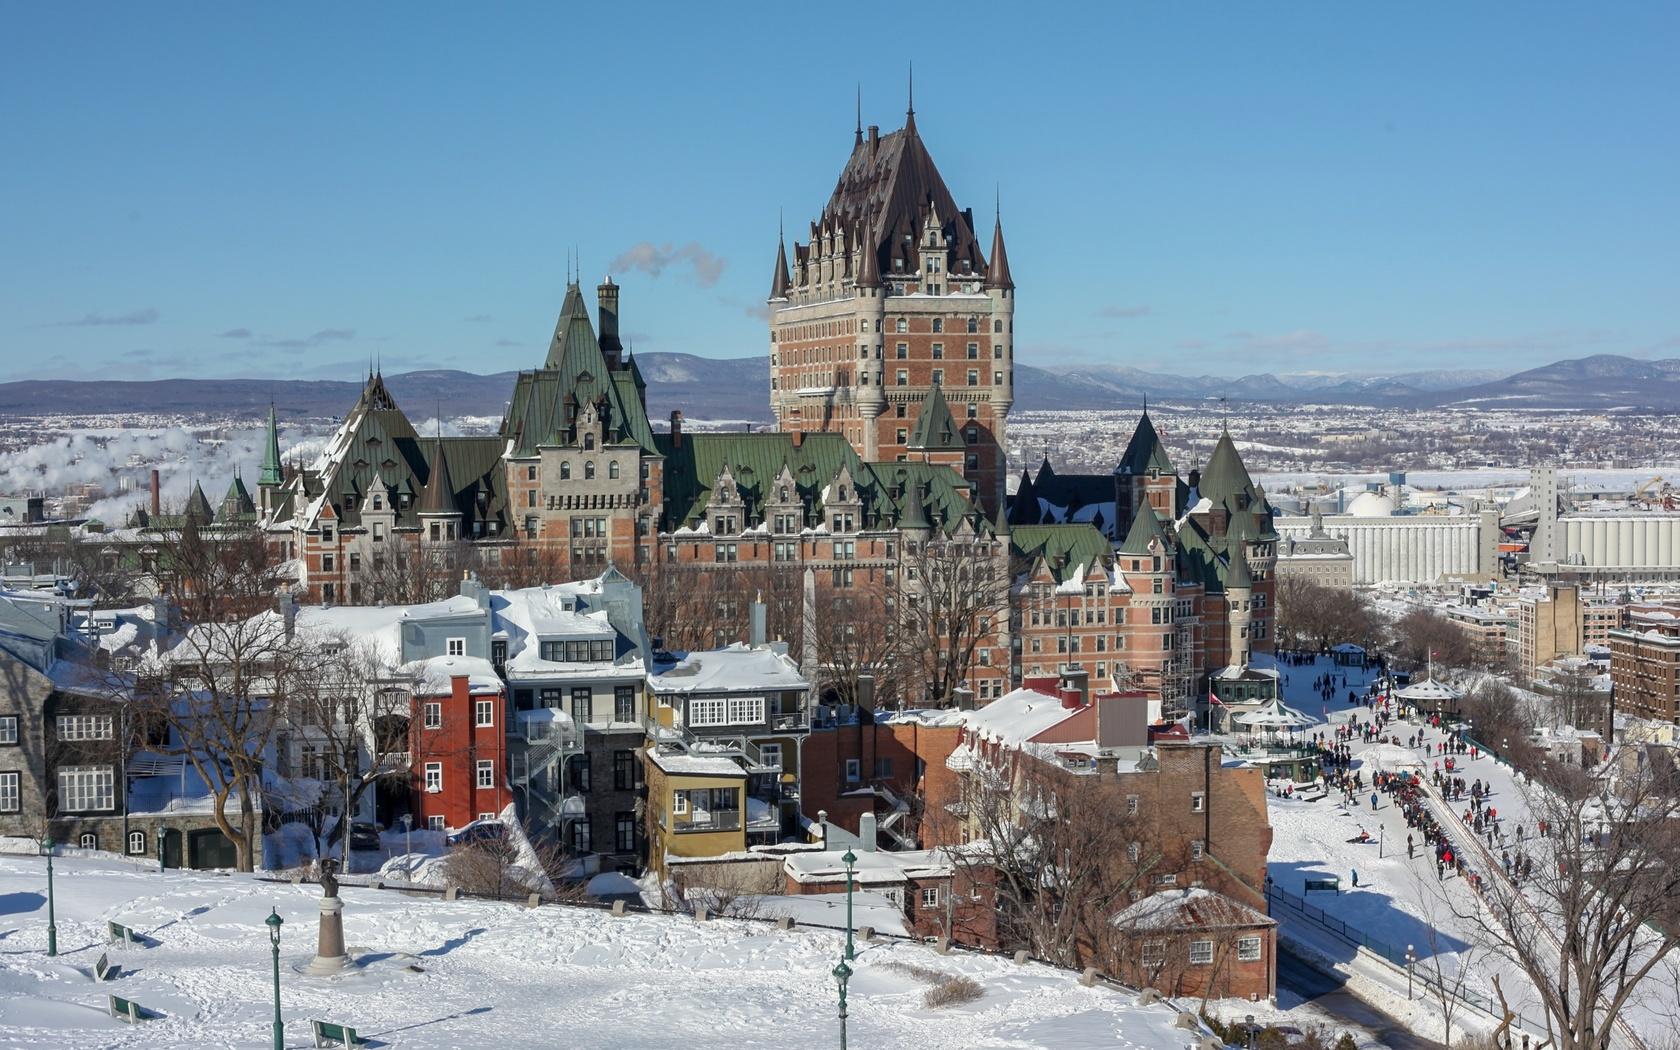 зима, канада, дома, замок, квебек, dufferin terrace, снег, город